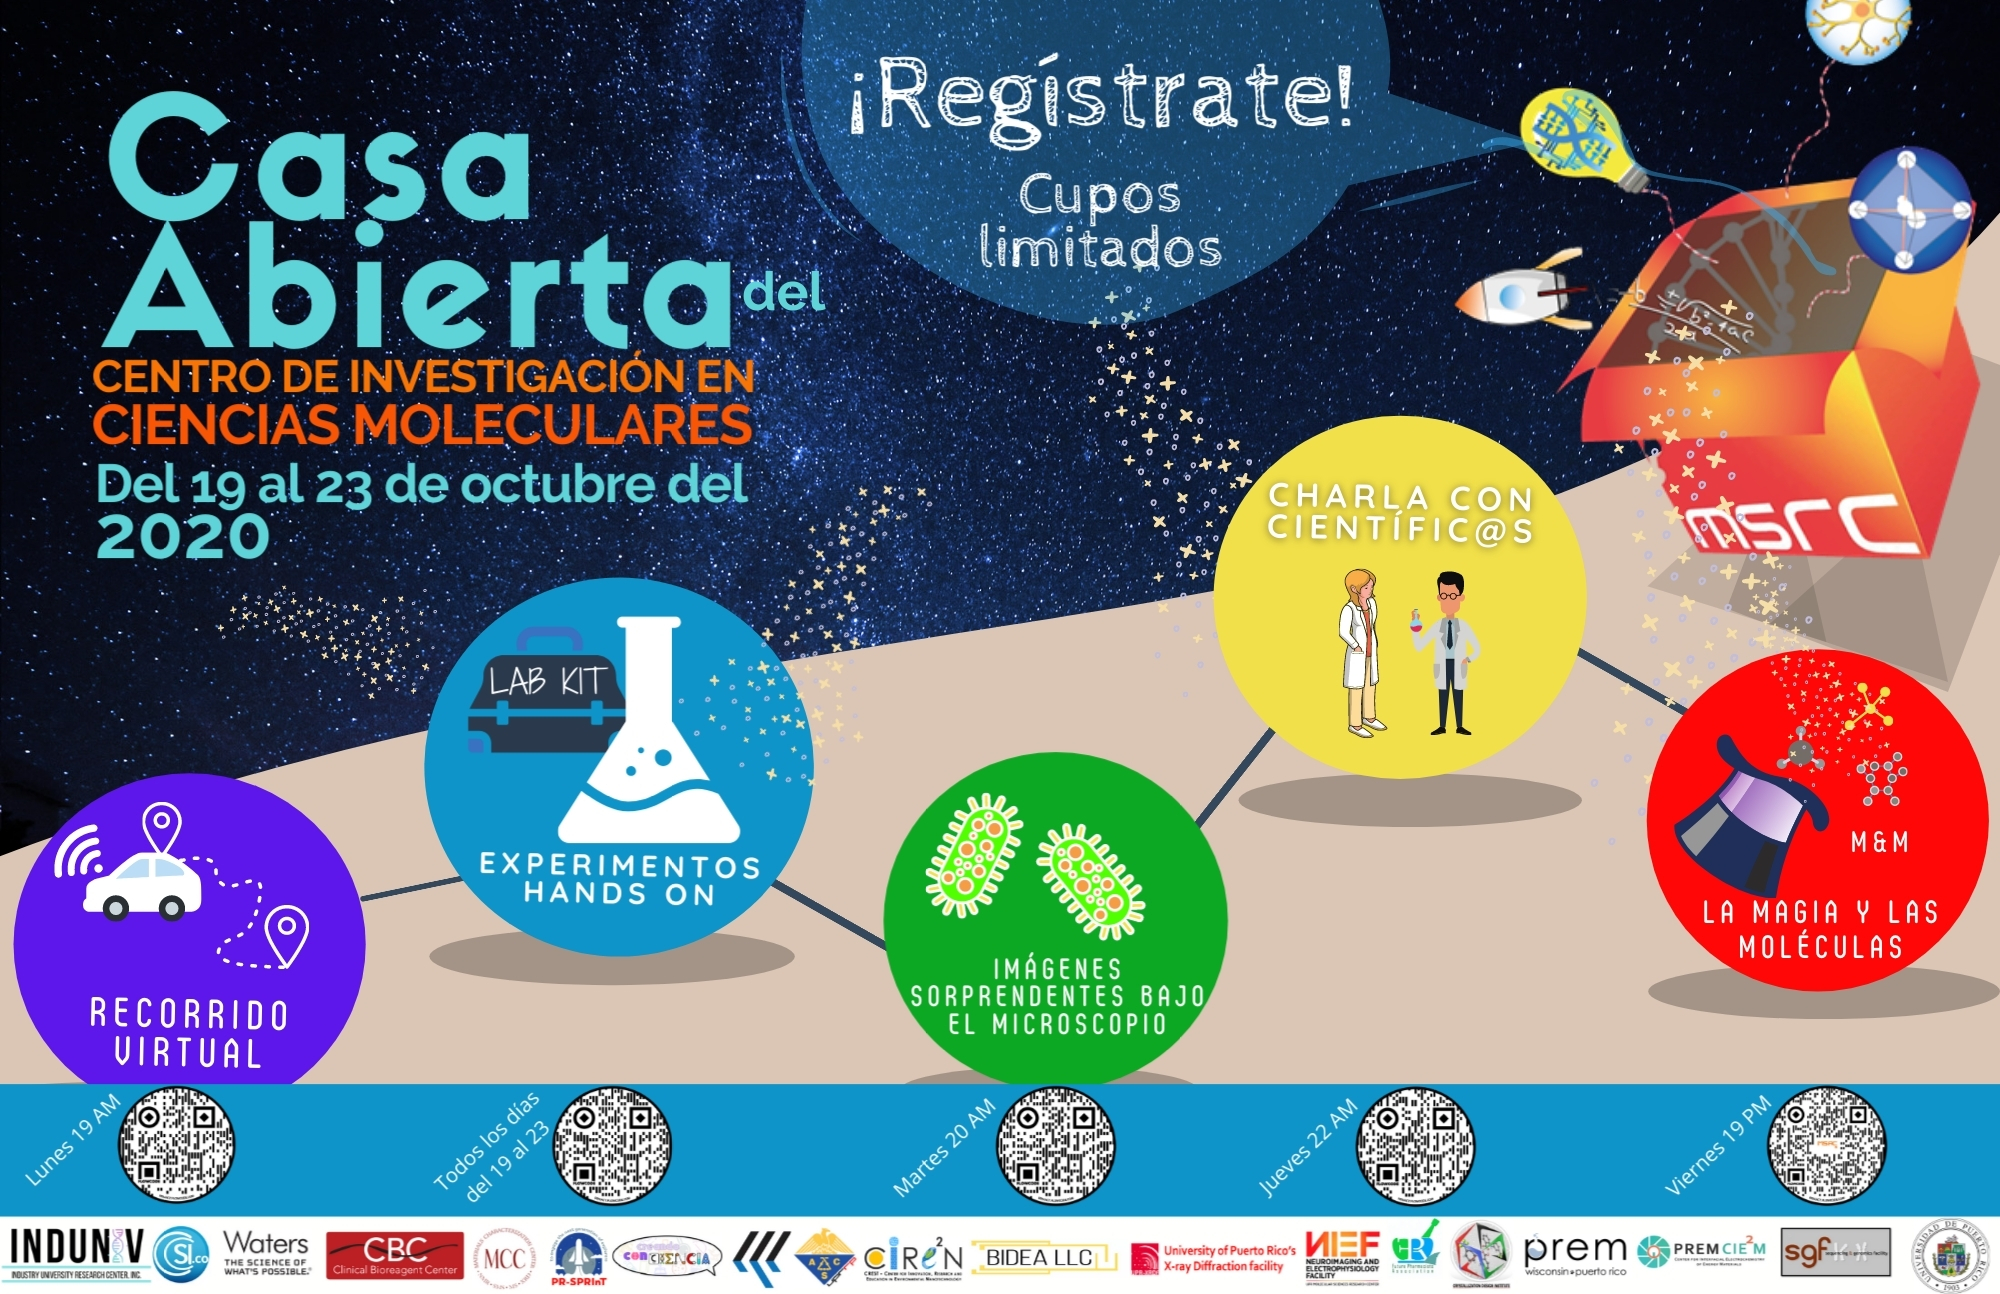 Casa Abierta | Centro de Investigación en Ciencias Moleculares